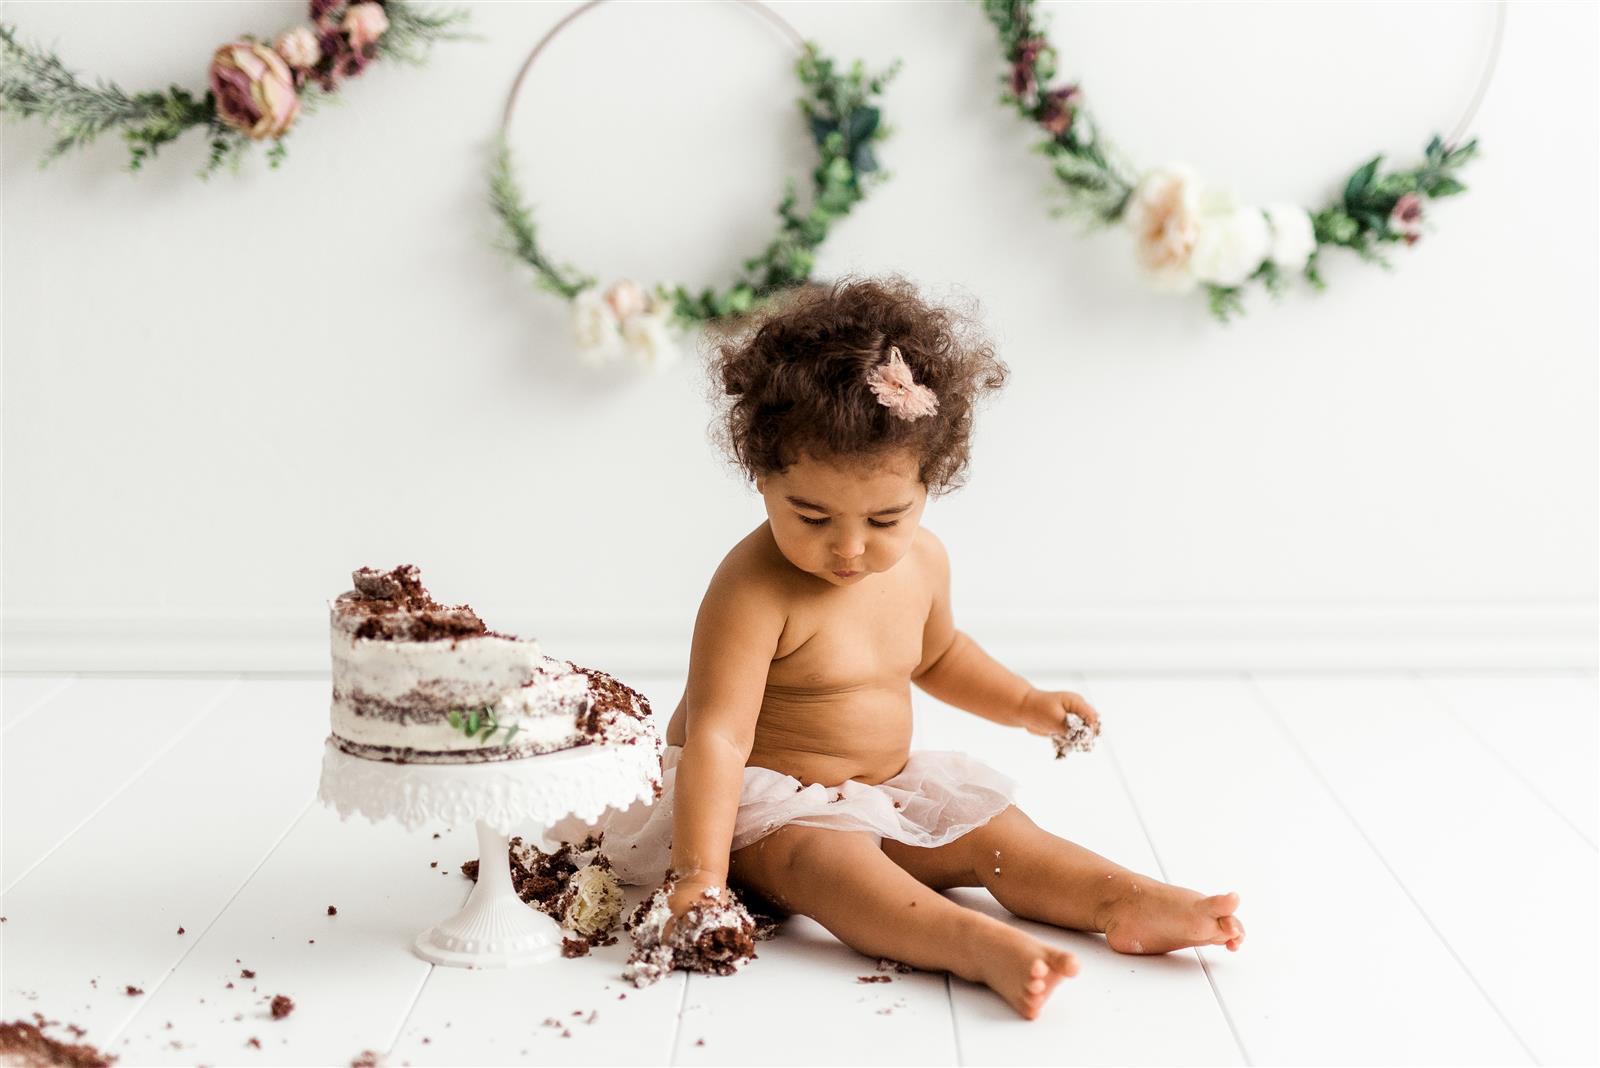 Cake Smash Fotografiranje | Cake Smash Photography | Neža Reisner Photography - fotografiranje otrok, dojenčkov, fotografiranje za rojstni dan